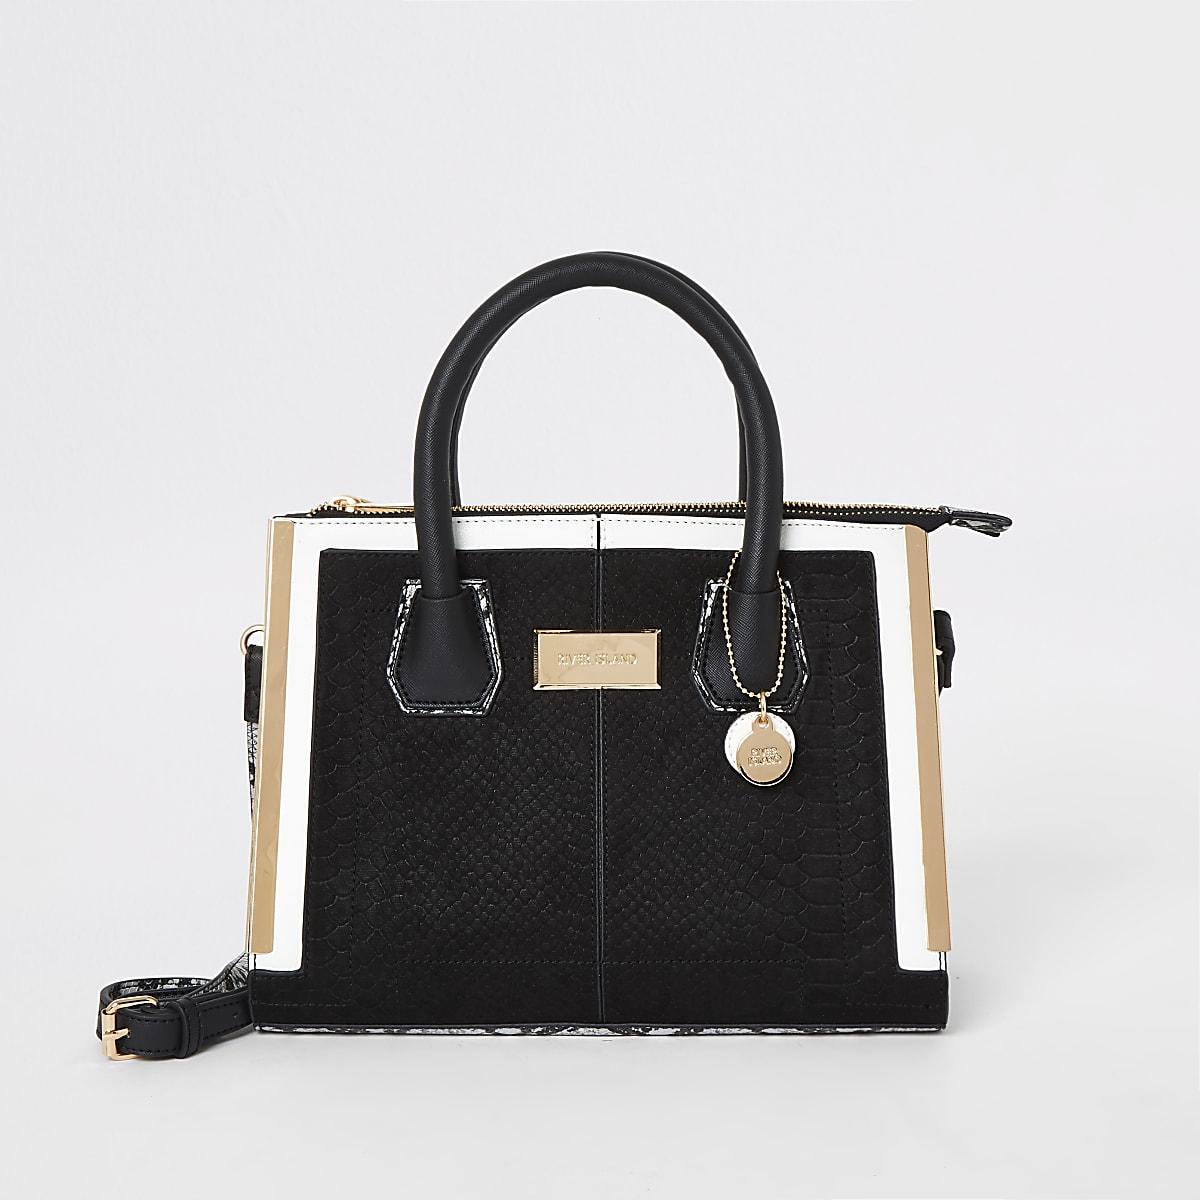 Zwarte handtas met goudkleurige rand